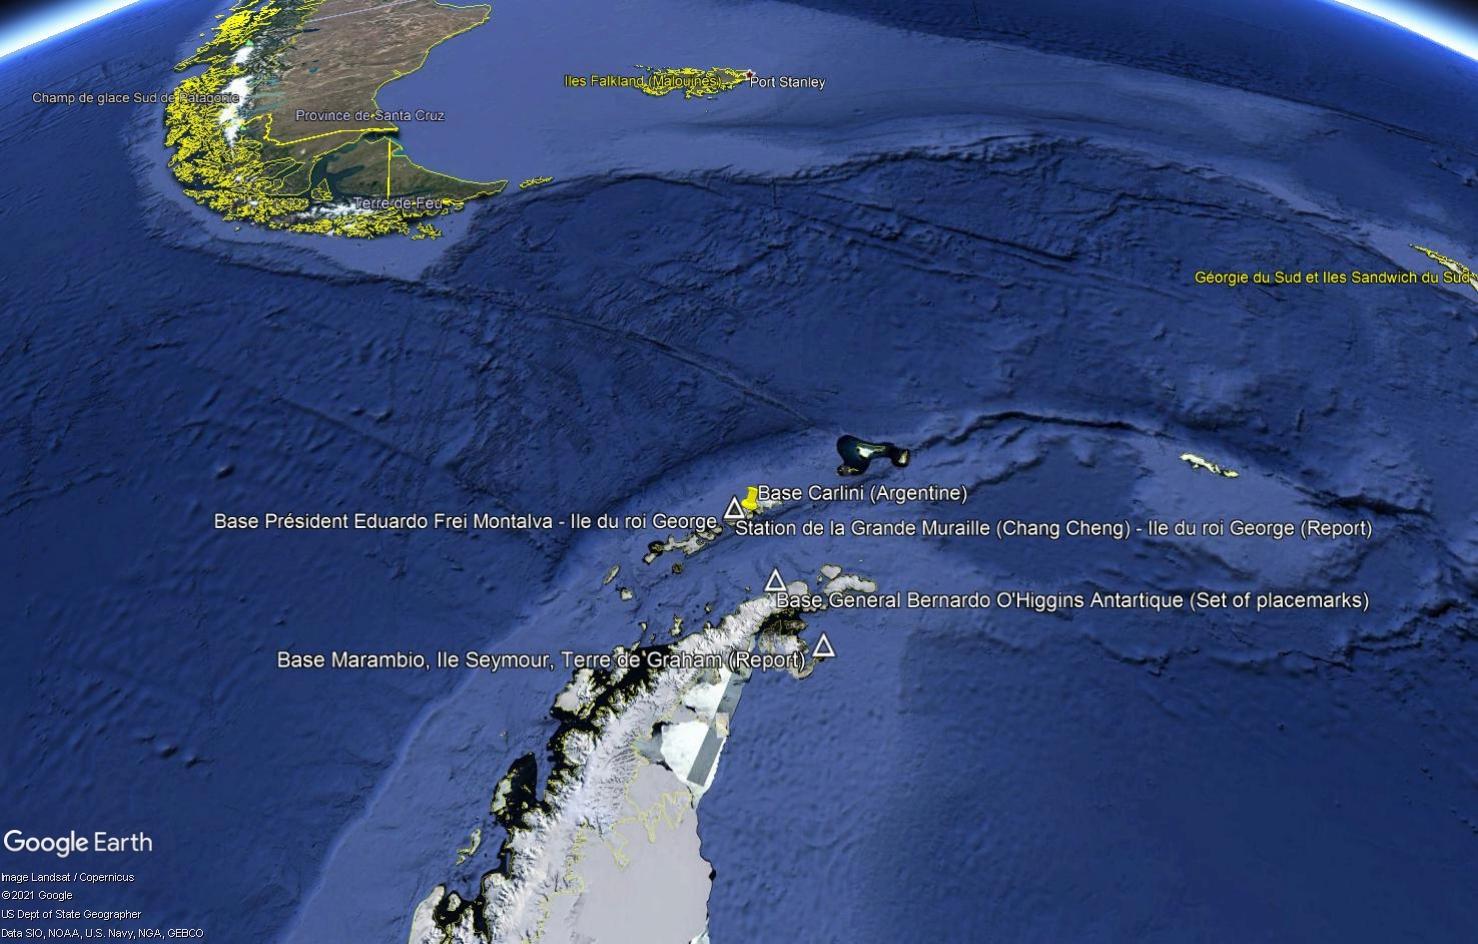 DEFI COLLECTIF : à la recherche des stations scientifiques de l'Antarctique avec Google Earth - Page 8 Tsge2055